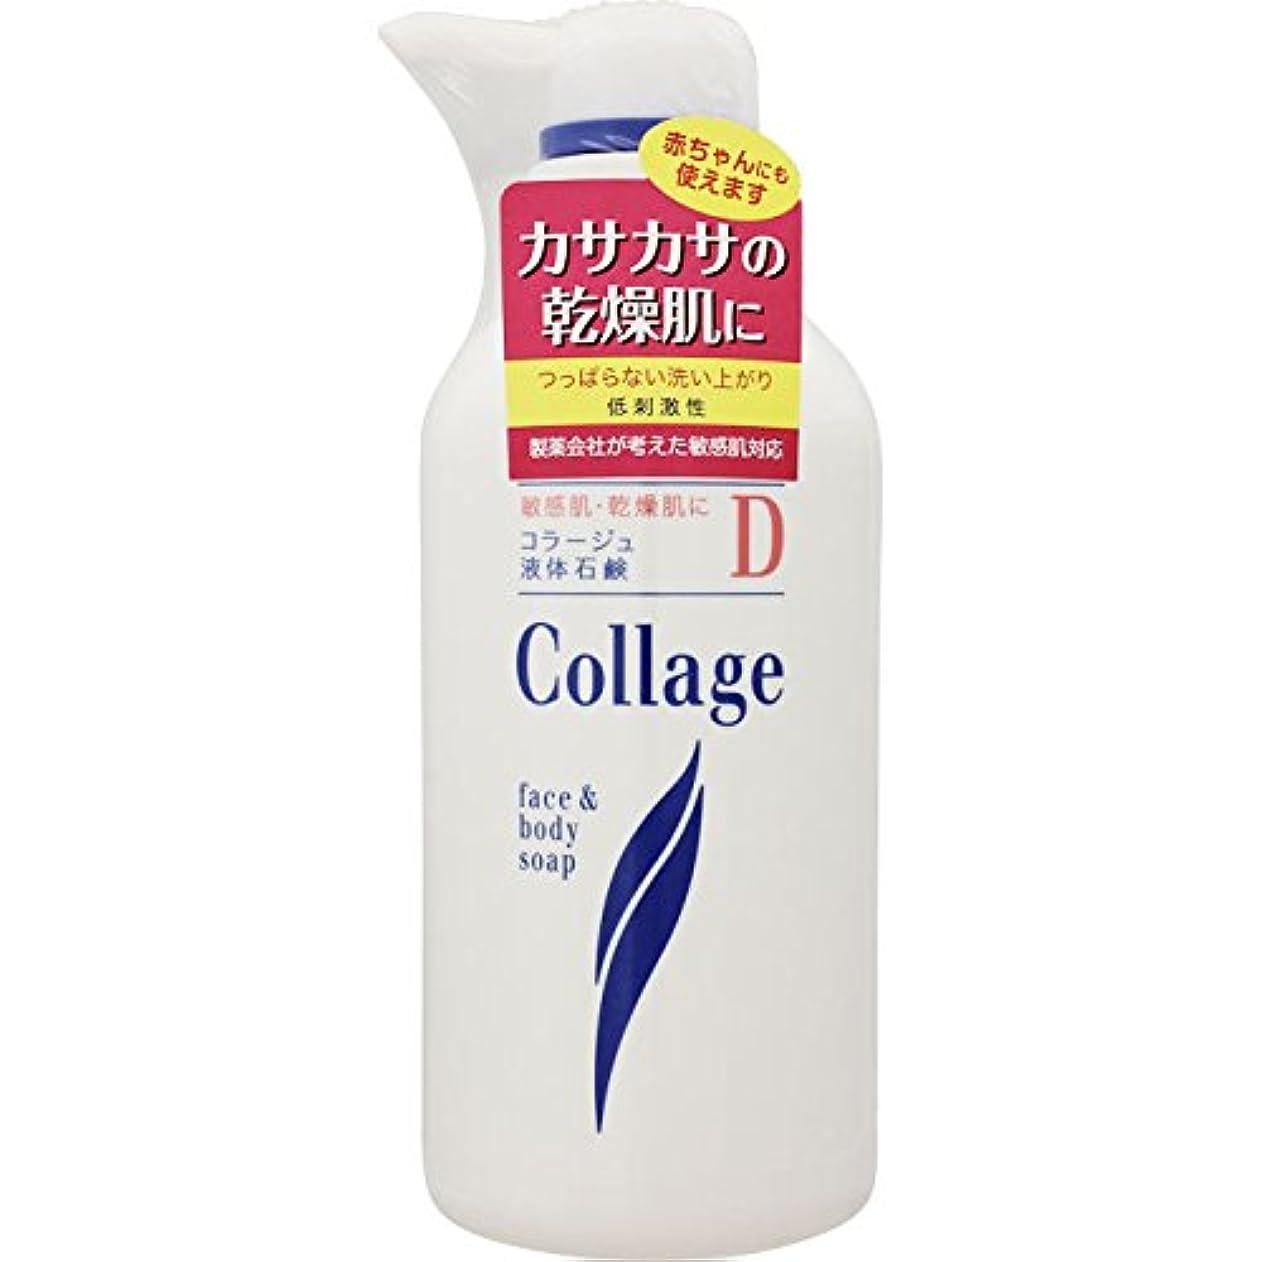 理由見つける盟主持田ヘルスケア コラージュD液体石鹸 400ml